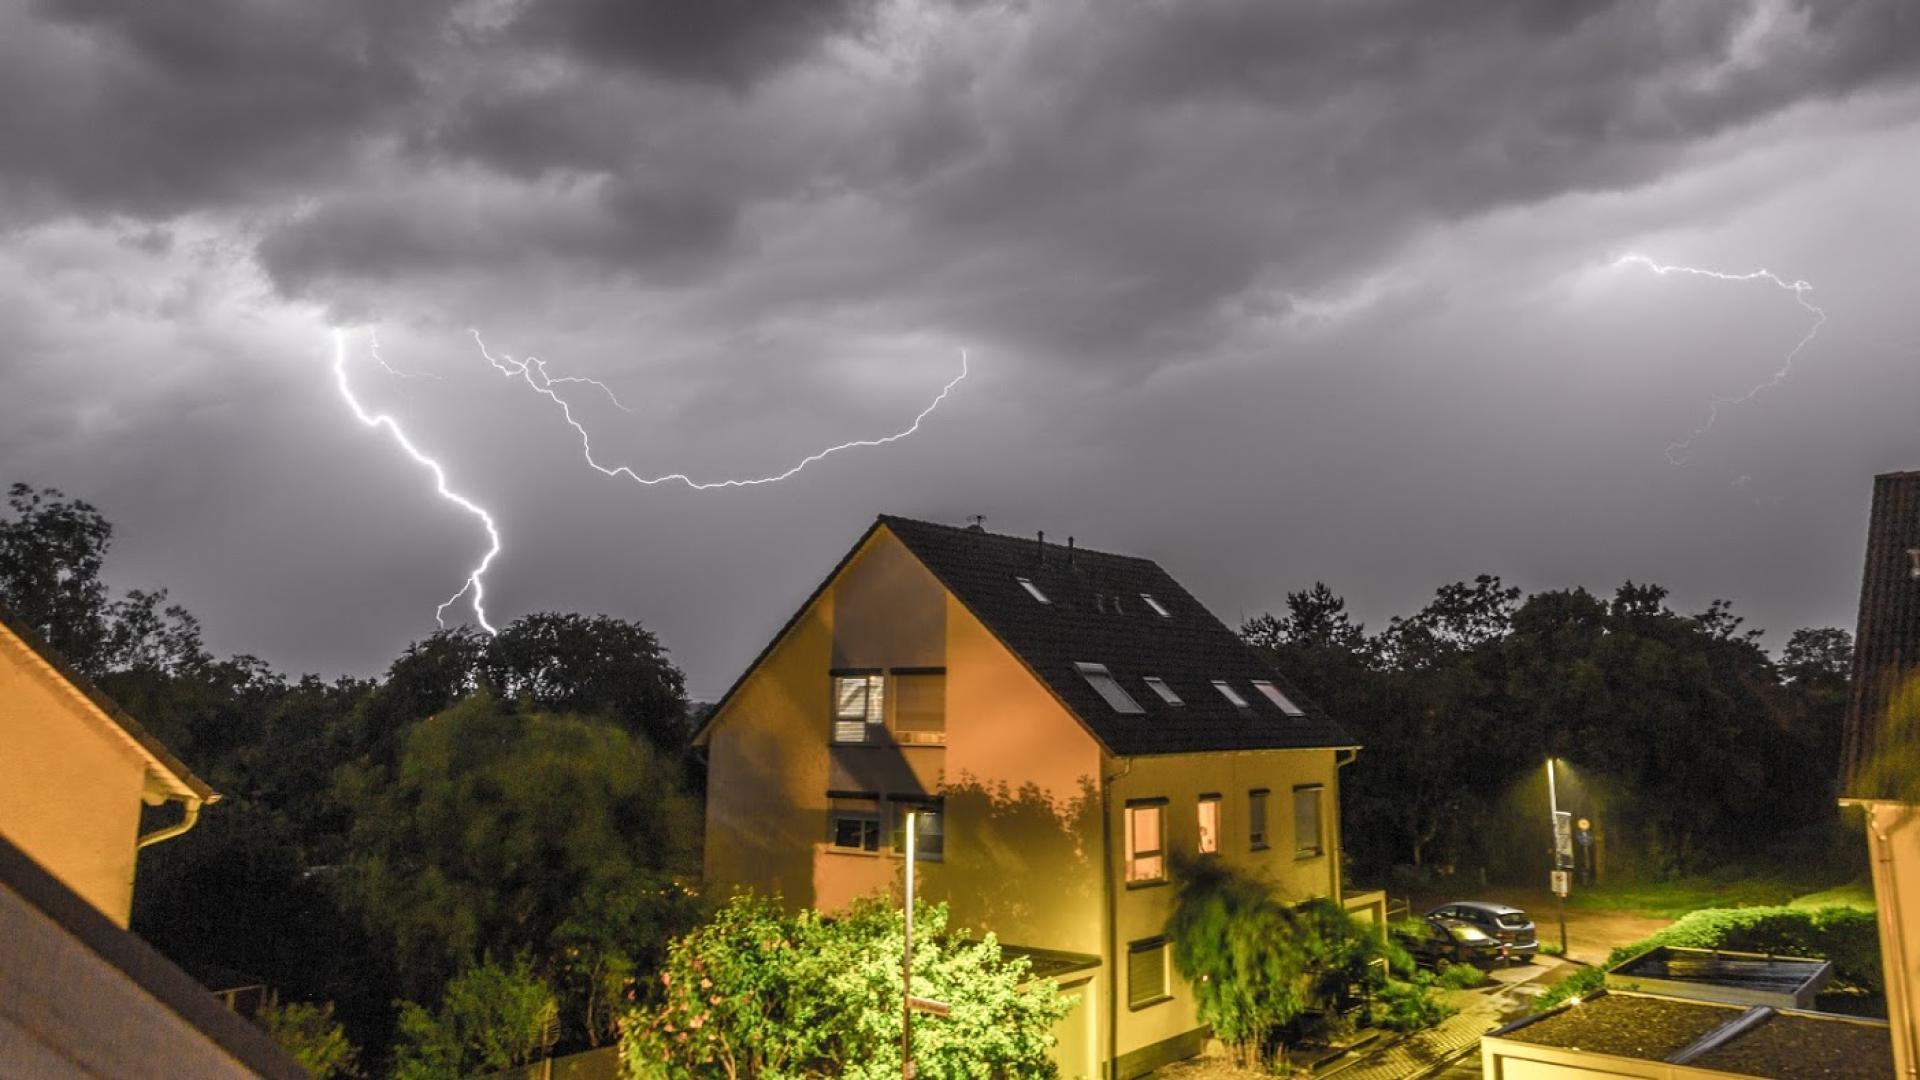 Lightning over Griesheim June 2021